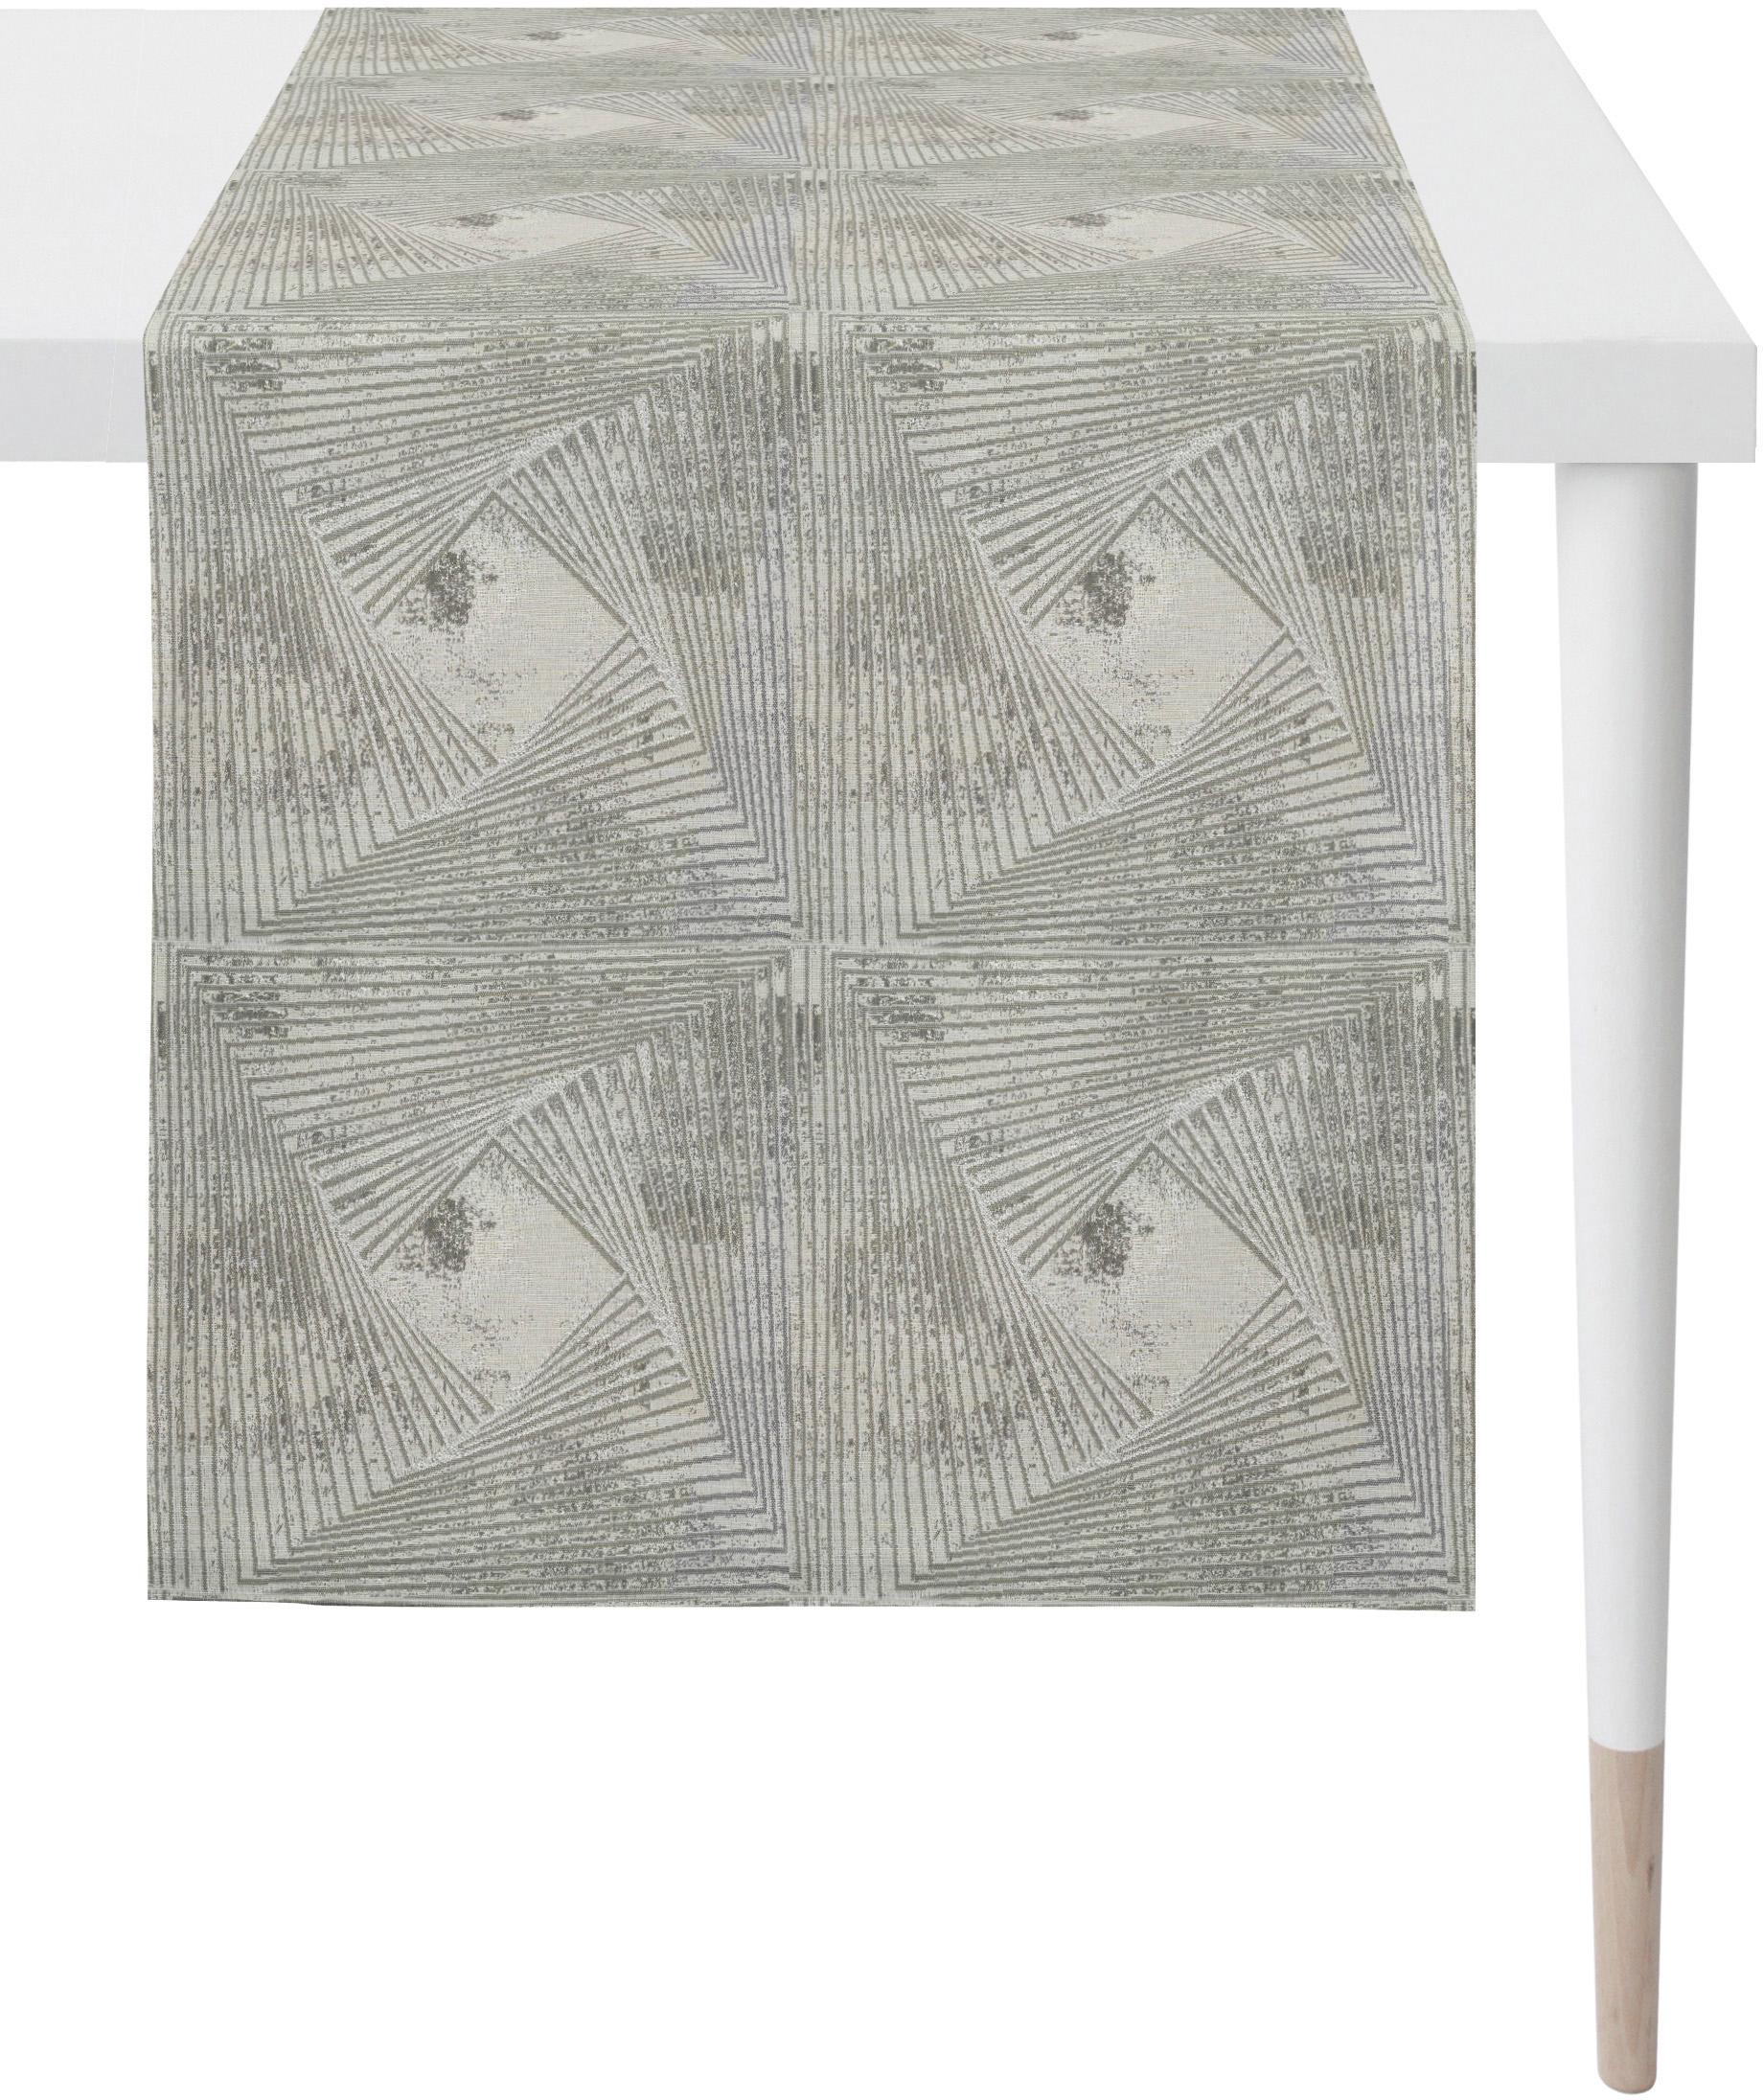 Tischläufer 1307 Loft Style Jacquard APELT (1-tlg) | Heimtextilien > Tischdecken und Co > Tischläufer | Beige | Apelt